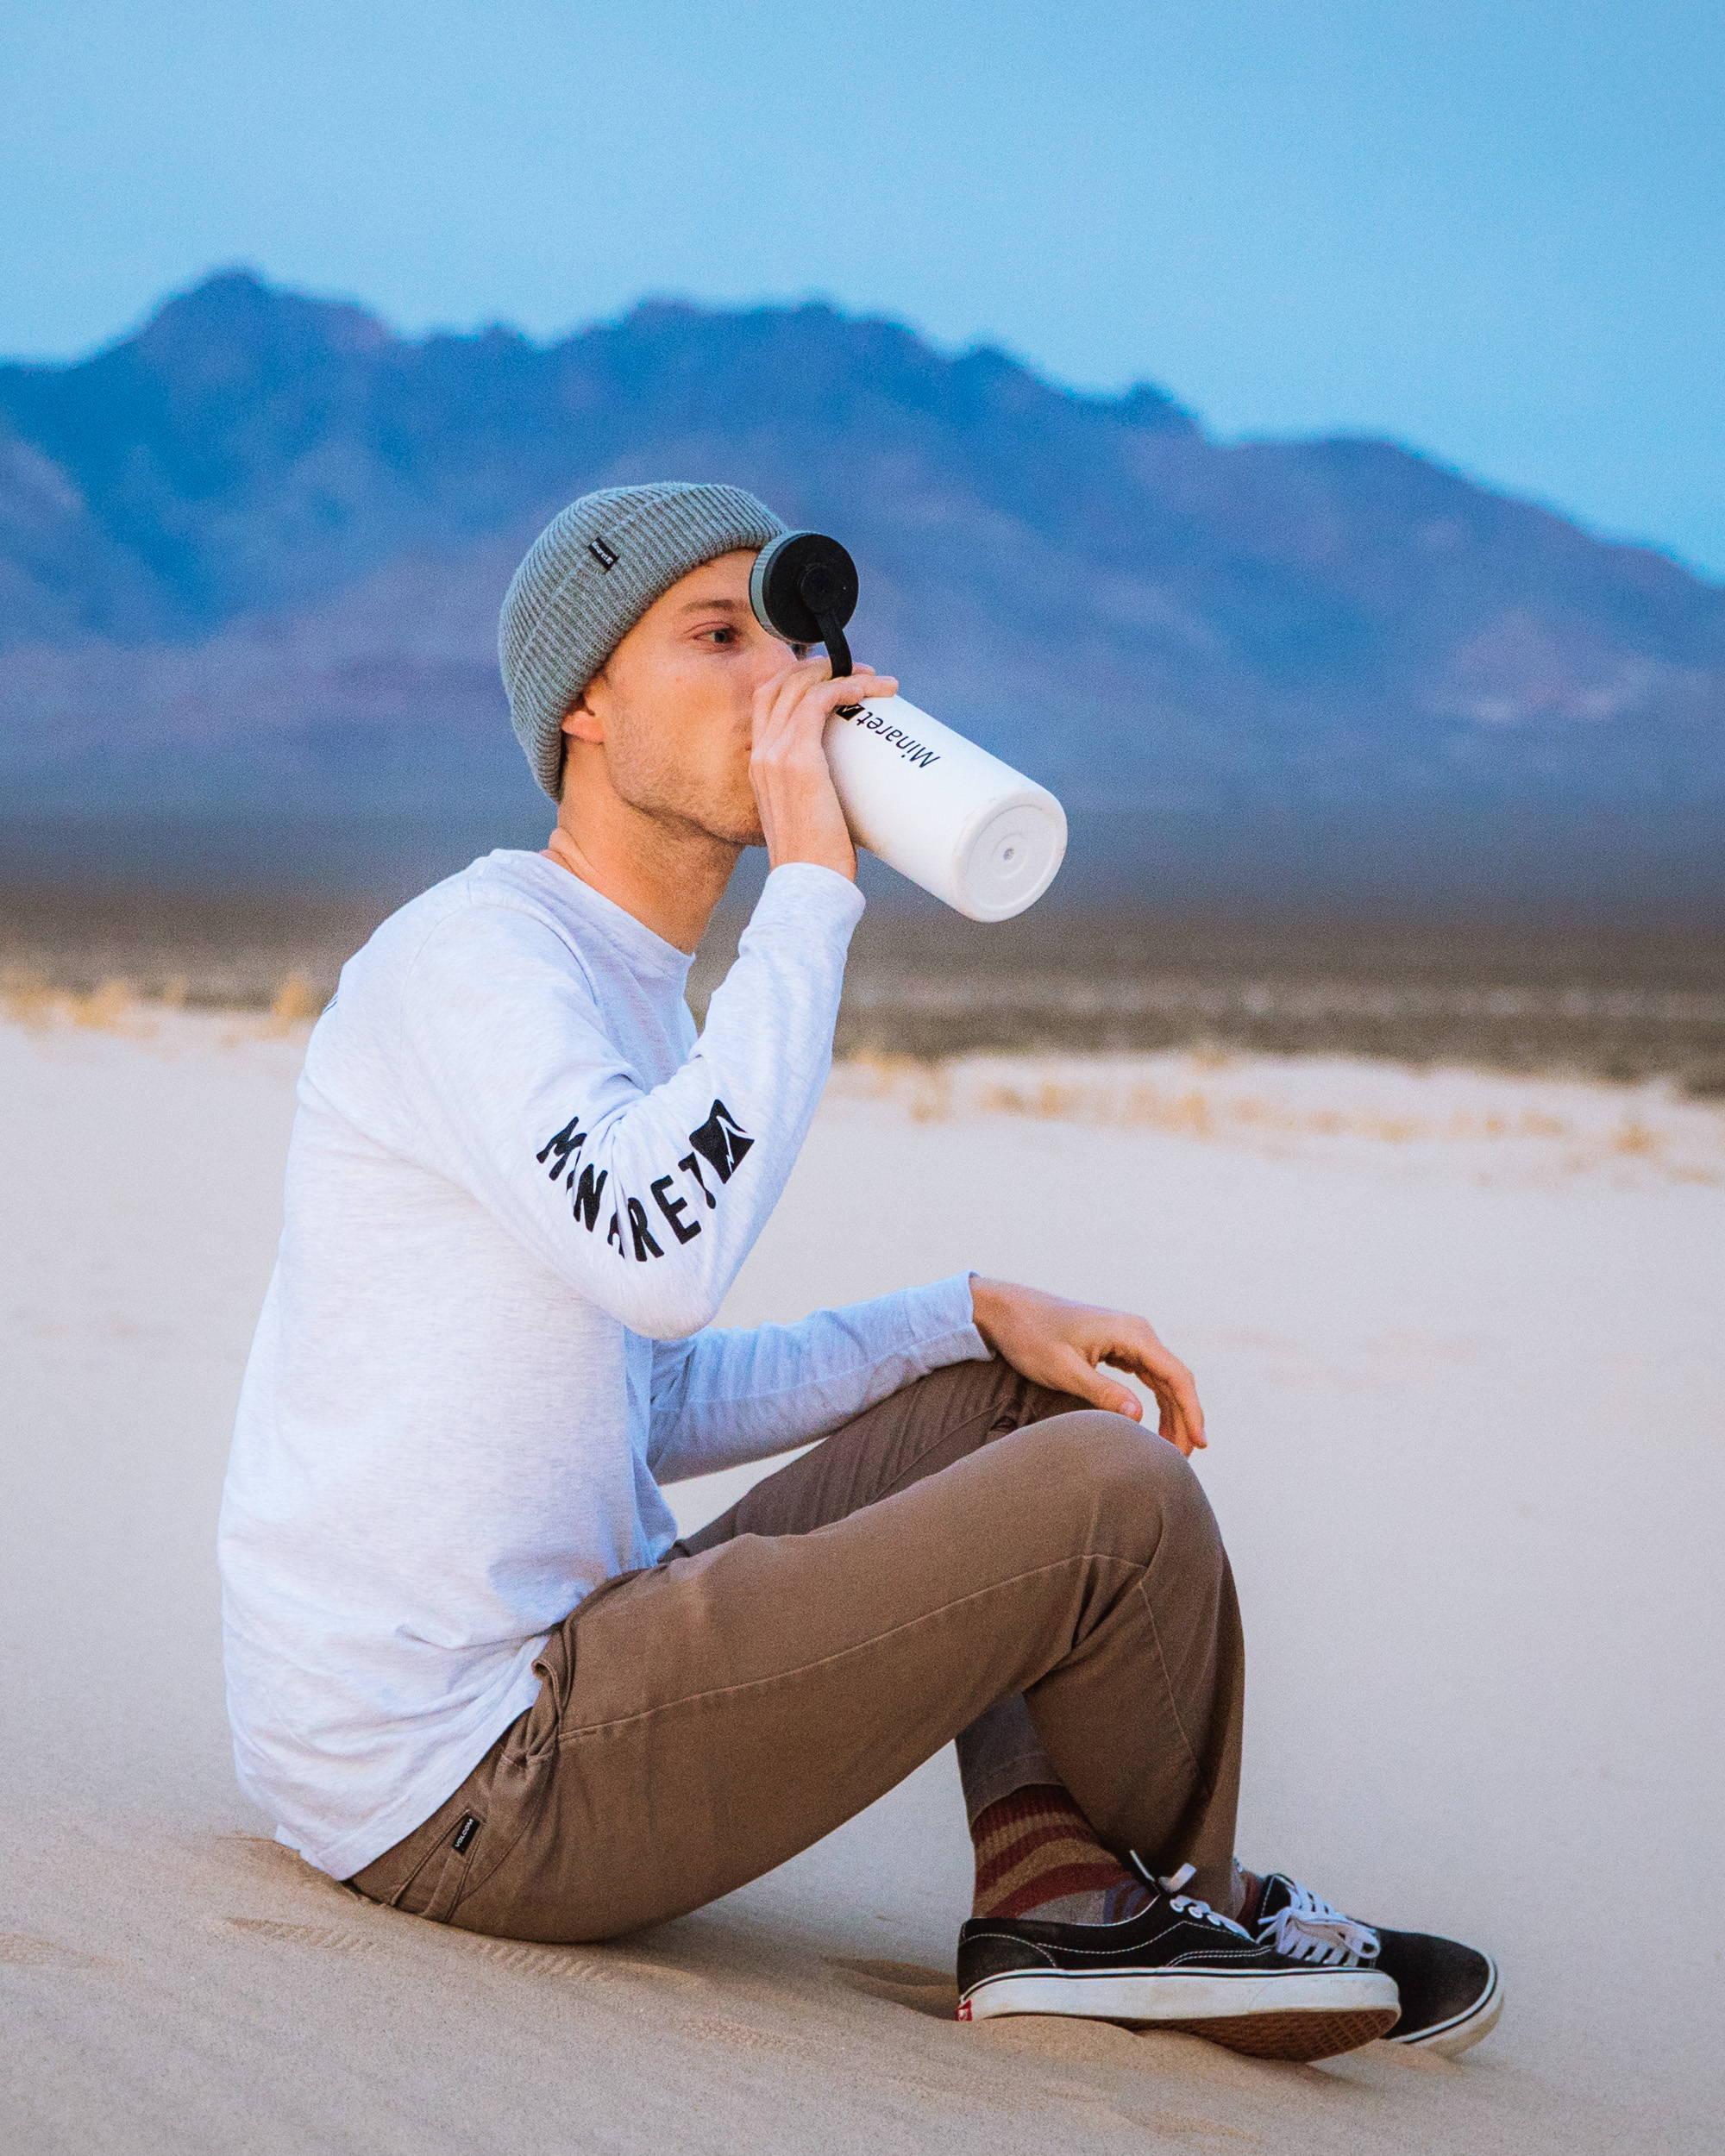 Wide opening water bottle